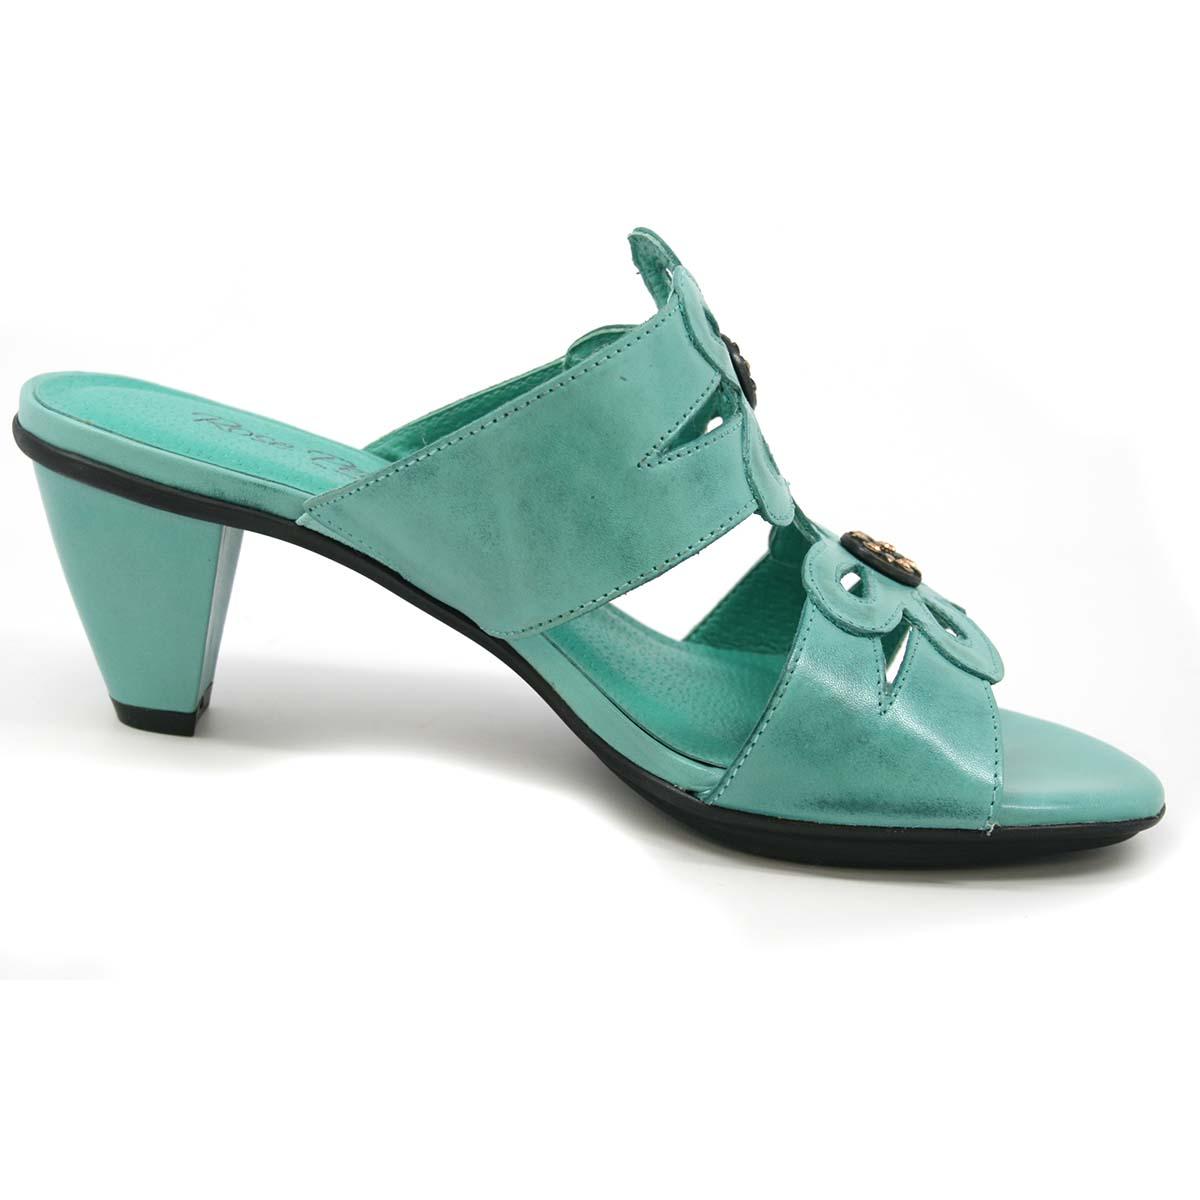 Rose Petals Suri Turquoise Leather Sandals 79 99 Slim